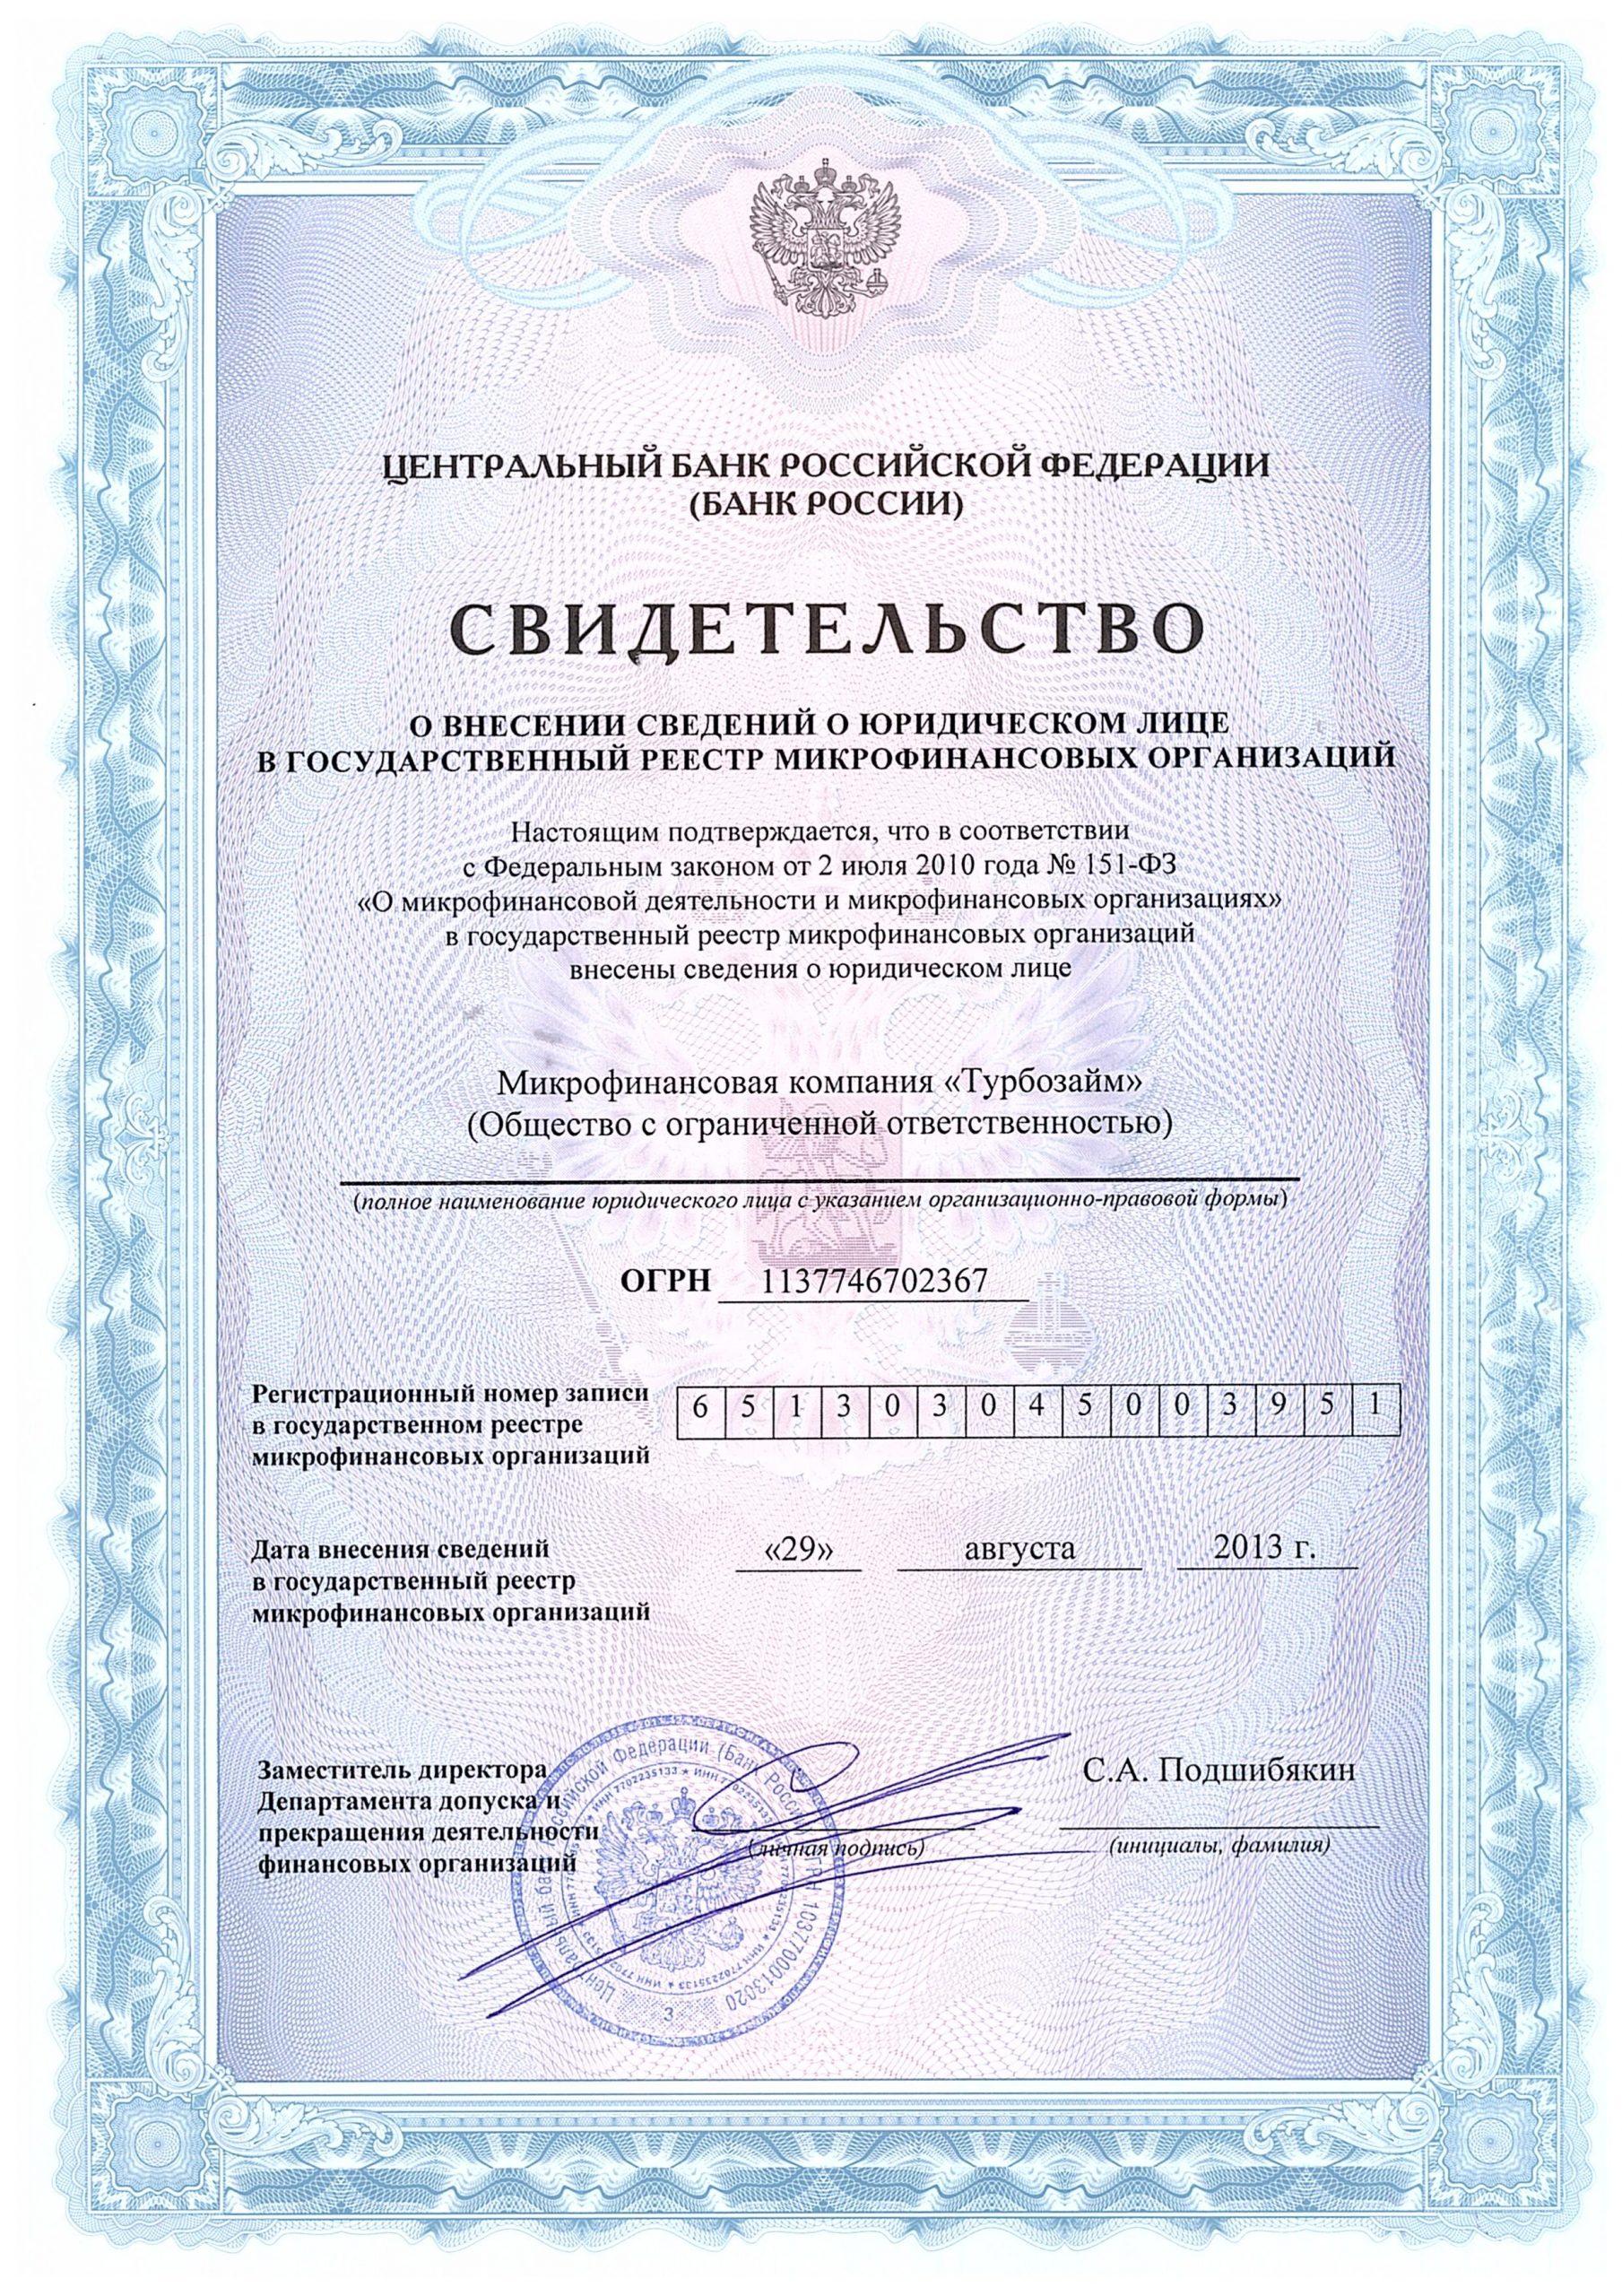 Свидетельство МФО Турбозайм